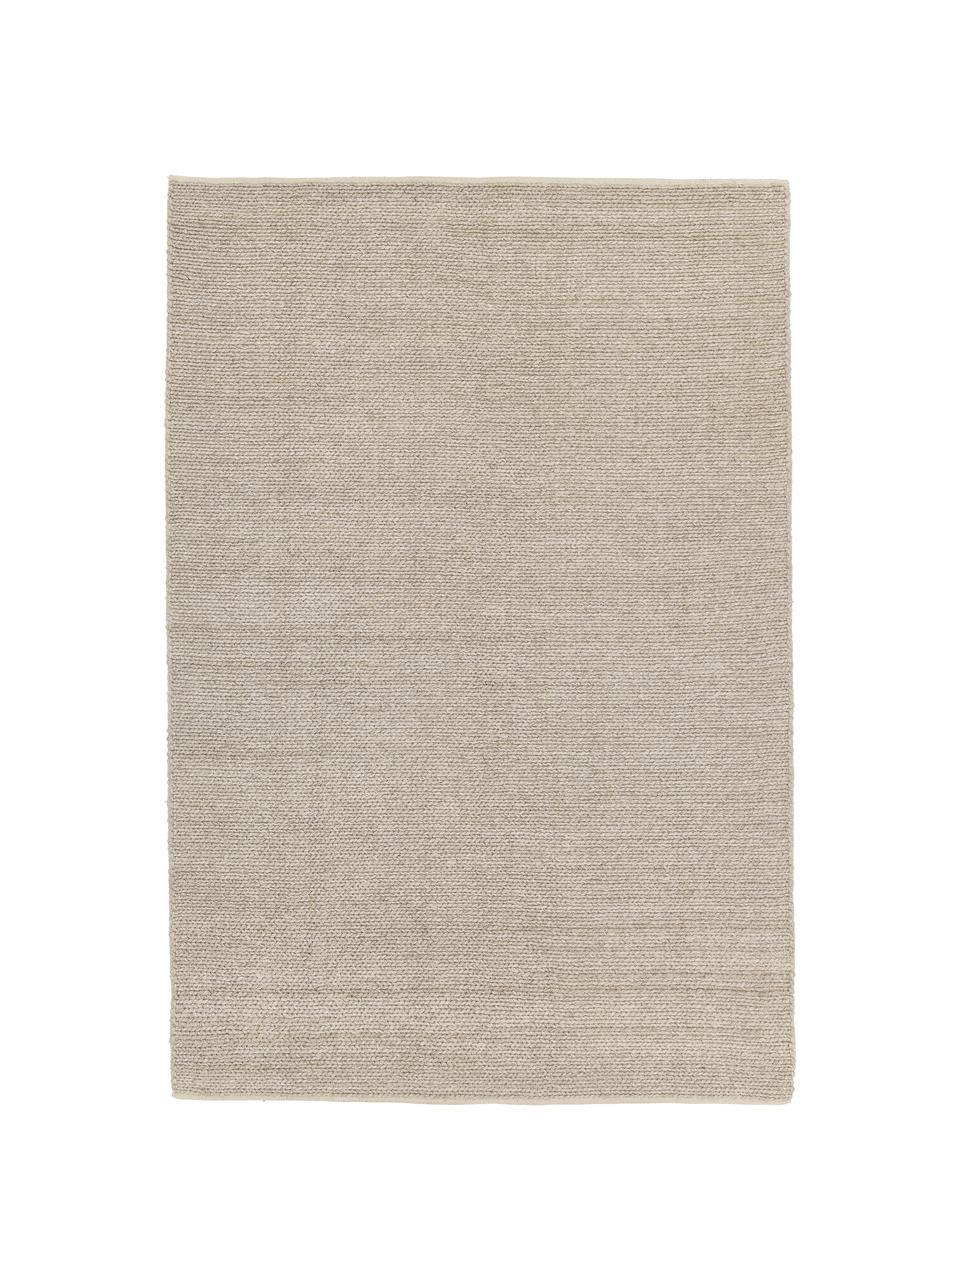 Handgeweven wollen vloerkleed Uno in taupe met gevlochten structuur, Bovenzijde: 60% wol, 40% polyester, Onderzijde: 100% katoen Bij wollen vl, Taupe, B 200 x L 300 cm (maat L)